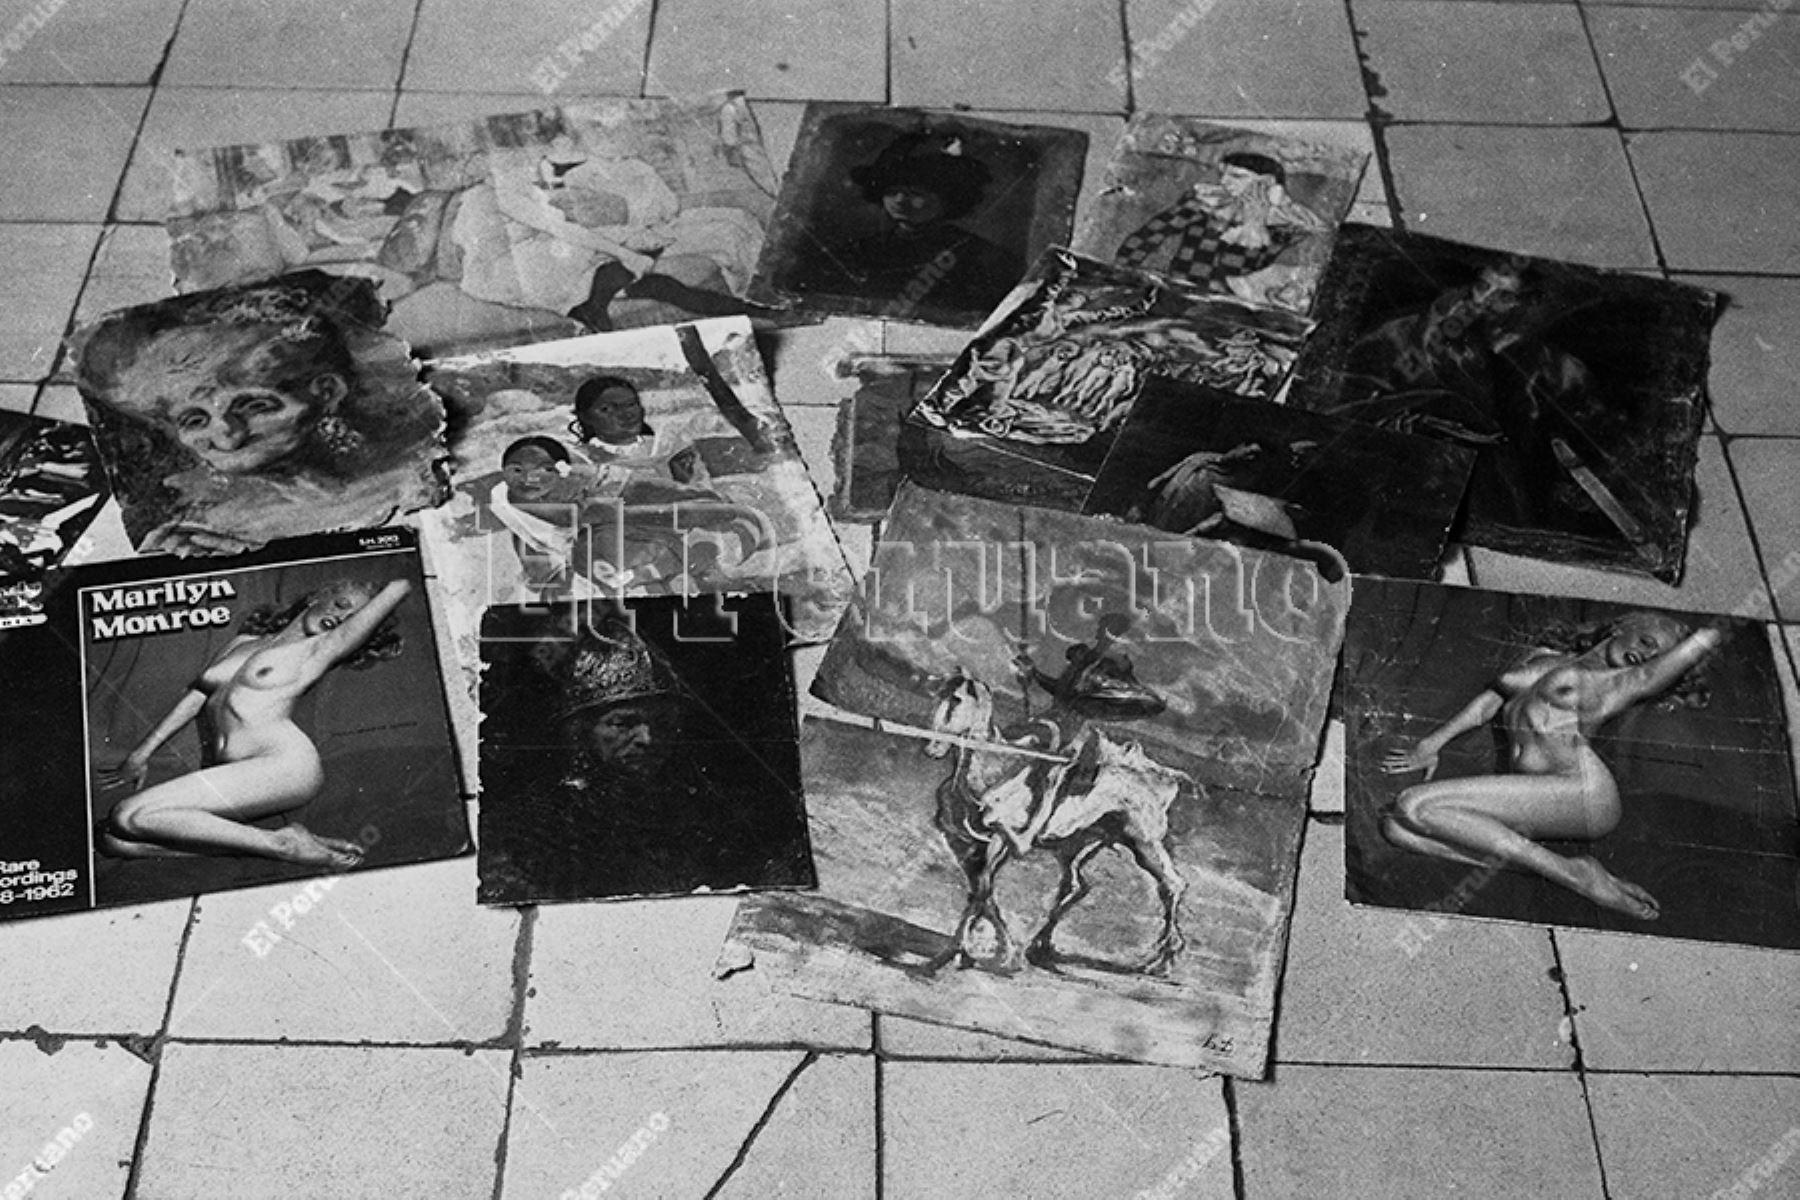 Lima - 19 noviembre 1988 / Revistas y pinturas que el pintor Víctor Humareda conservaba en la habitación 283 del Hotel Lima de La Parada.  Foto: Archivo Histórico de EL PERUANO / Alan Ramírez